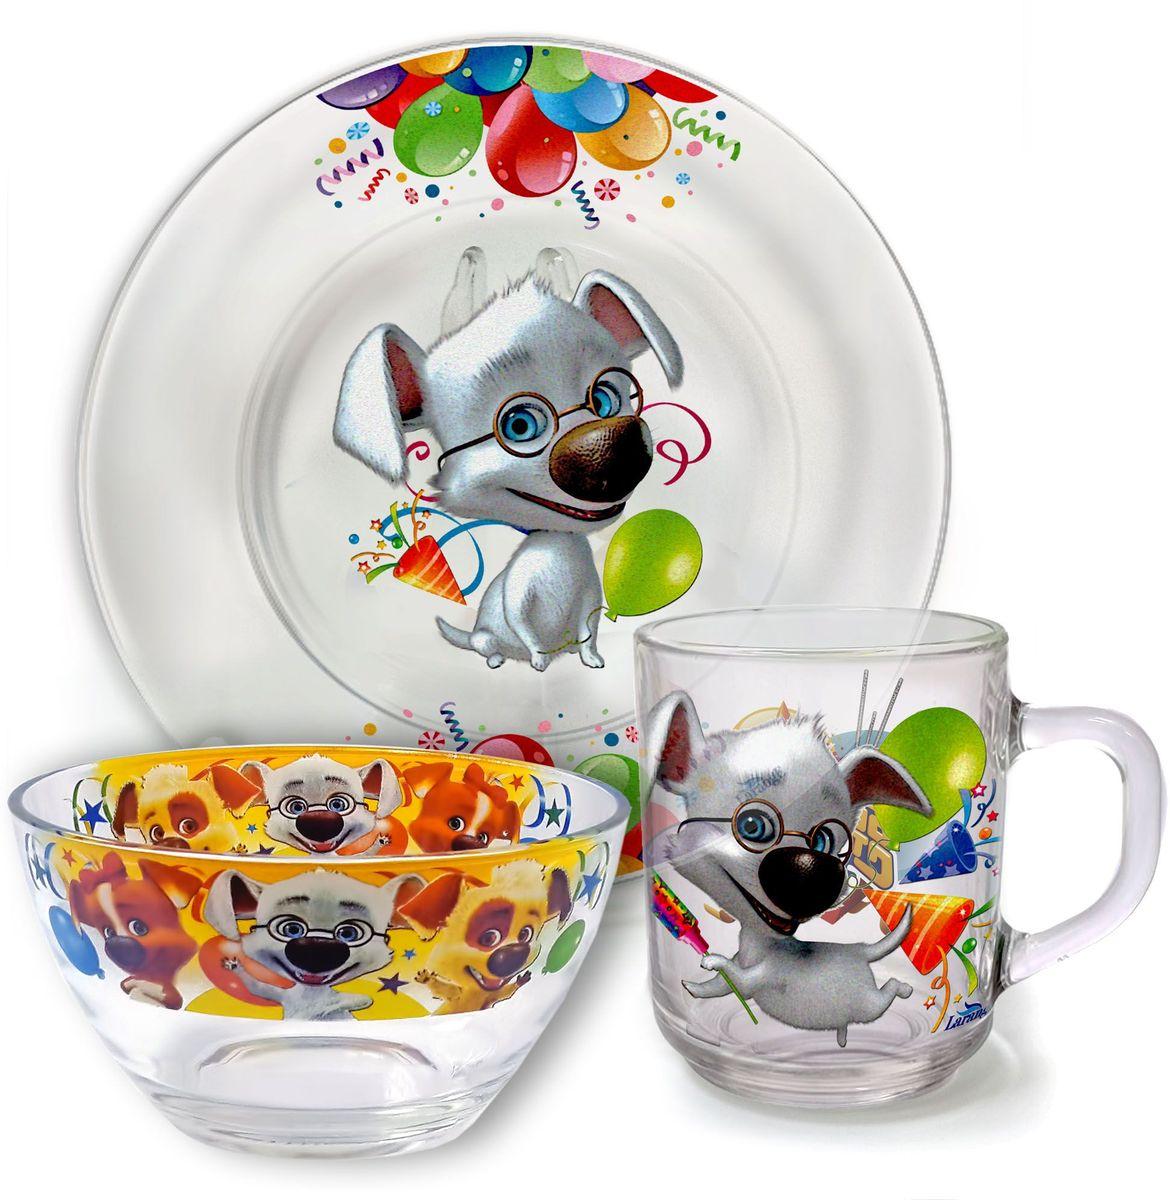 Набор посуды Белка и Стрелка Всезнайка Рекс, 3 предмета628-053От качества посуды зависит не только вкус еды, но и здоровье человека. Набор посуды Белка иСтрелка Всезнайка Рекс выполнен из высококачественного стекла и состоит из тарелки, кружкии салатника. Любой хозяйке будет приятно держать его в руках.Состав набора: тарелка 19 см, кружка 210 мл, салатник 13 см, 250 мл.